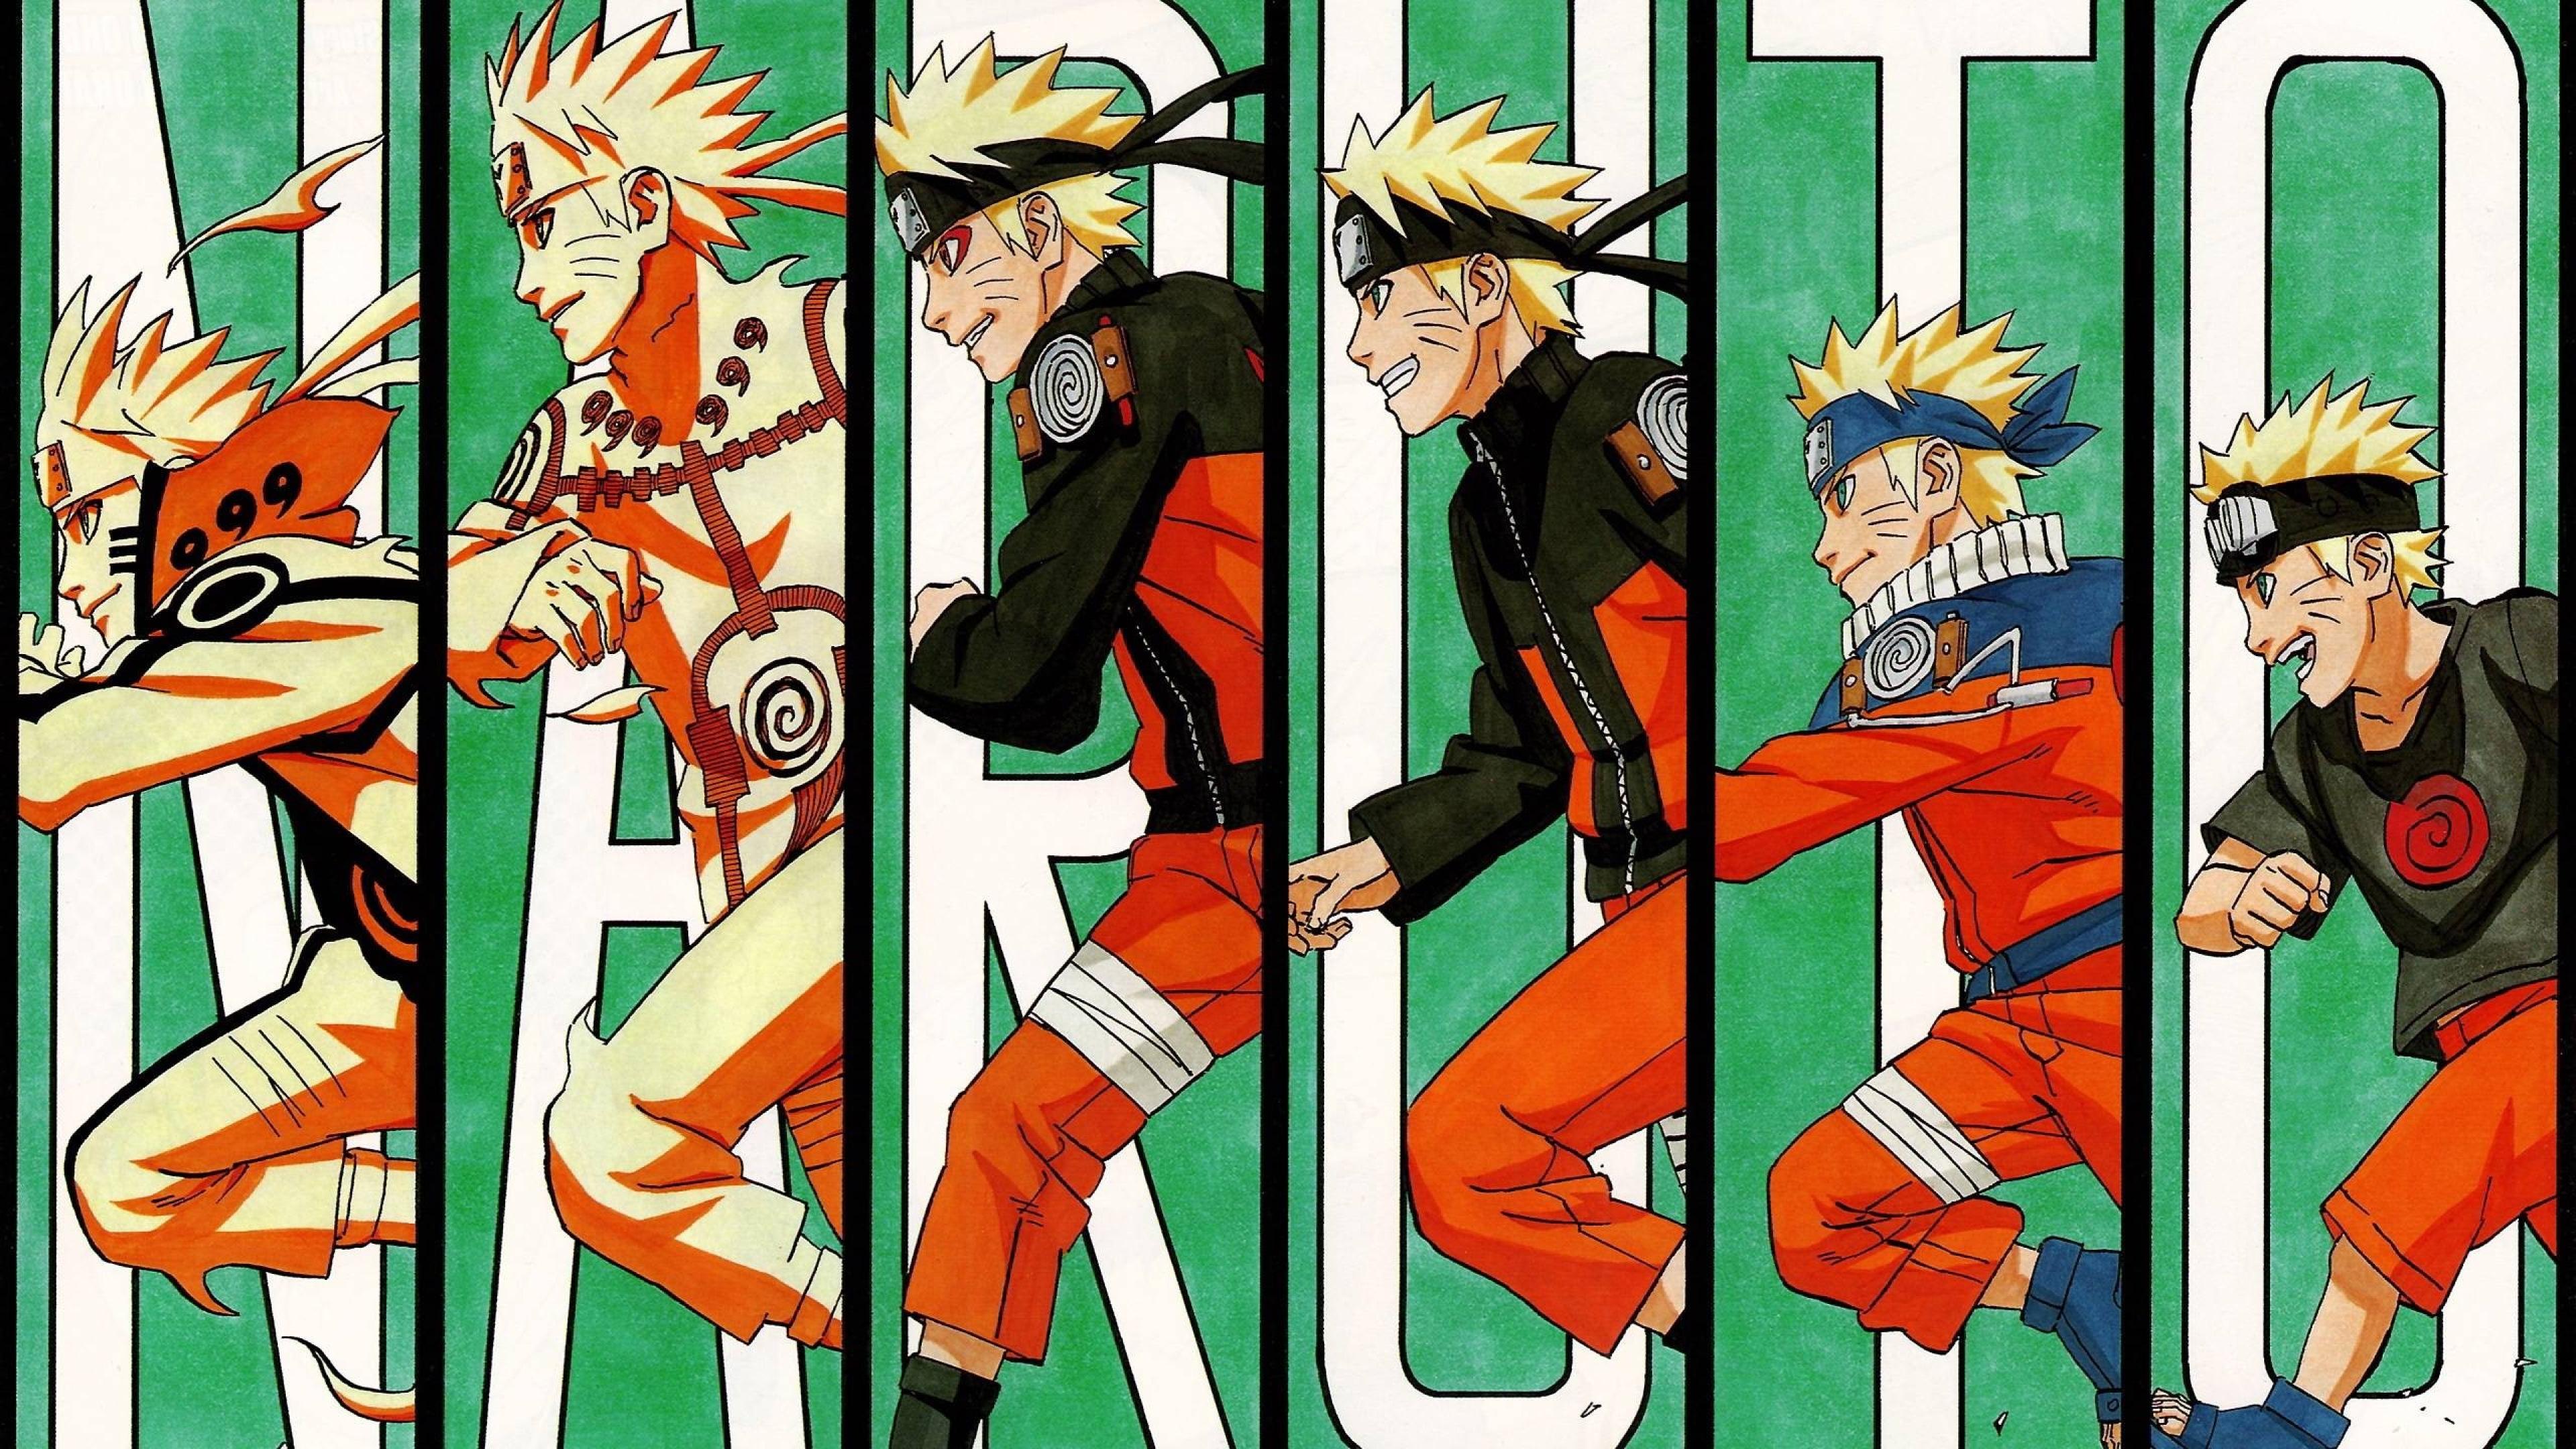 3840x2160 Naruto Naruto Shippuuden Anime 4k Wallpaper Hd